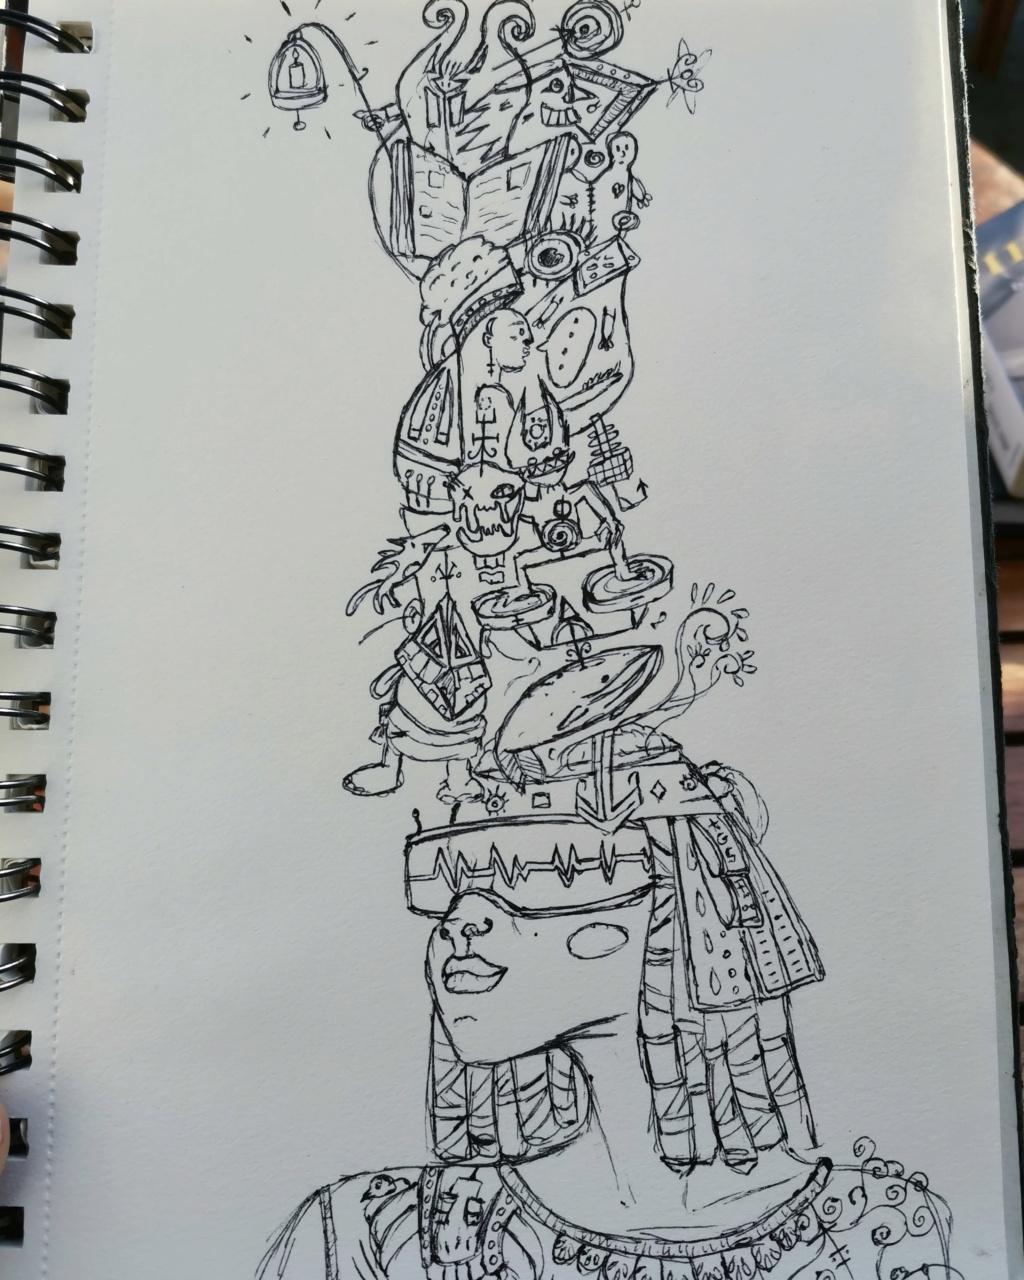 Un dessin par jour, qui veut jouer? - Page 19 Img_2034